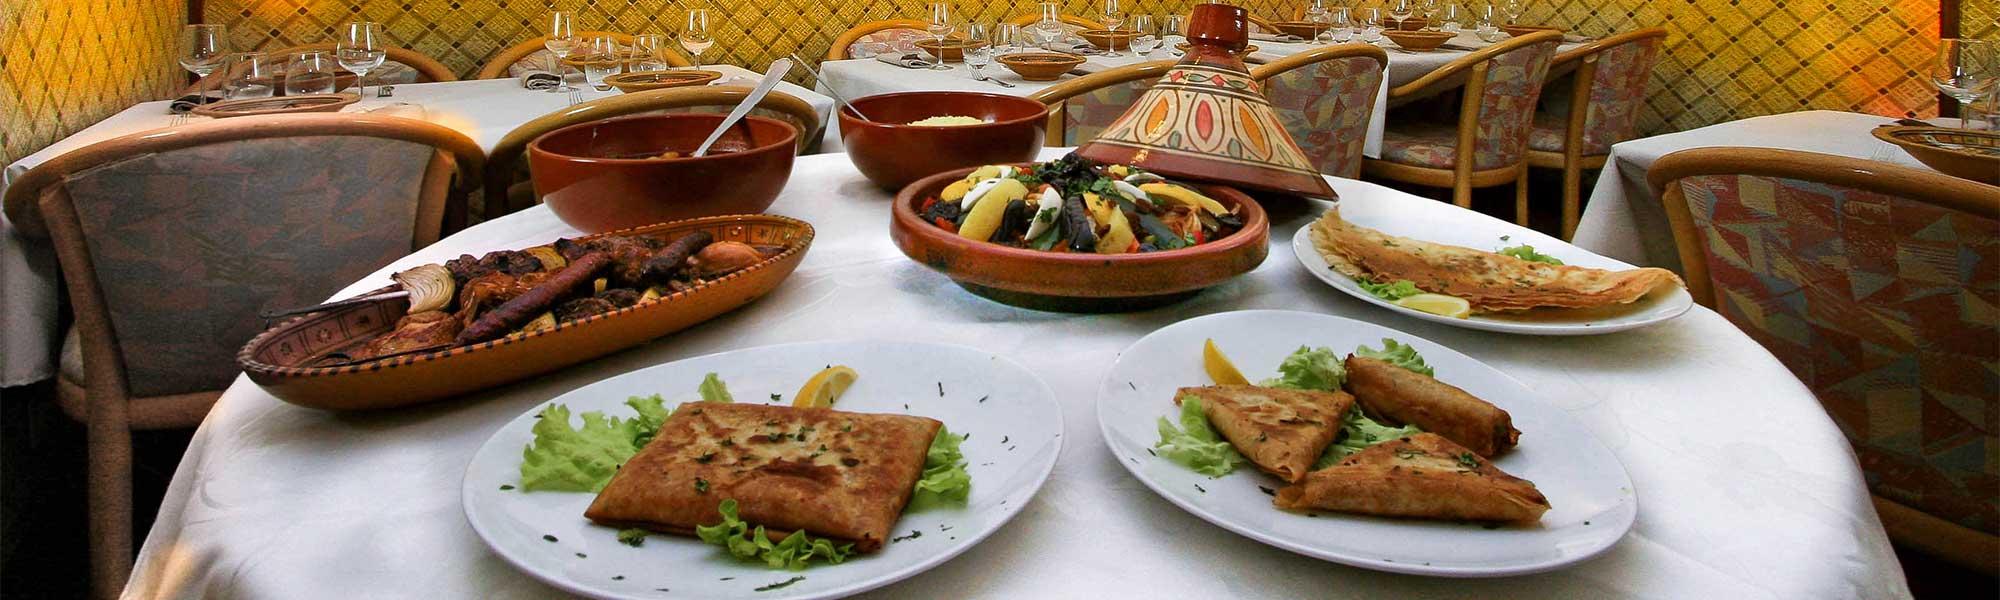 Cuisine orientale Troyes